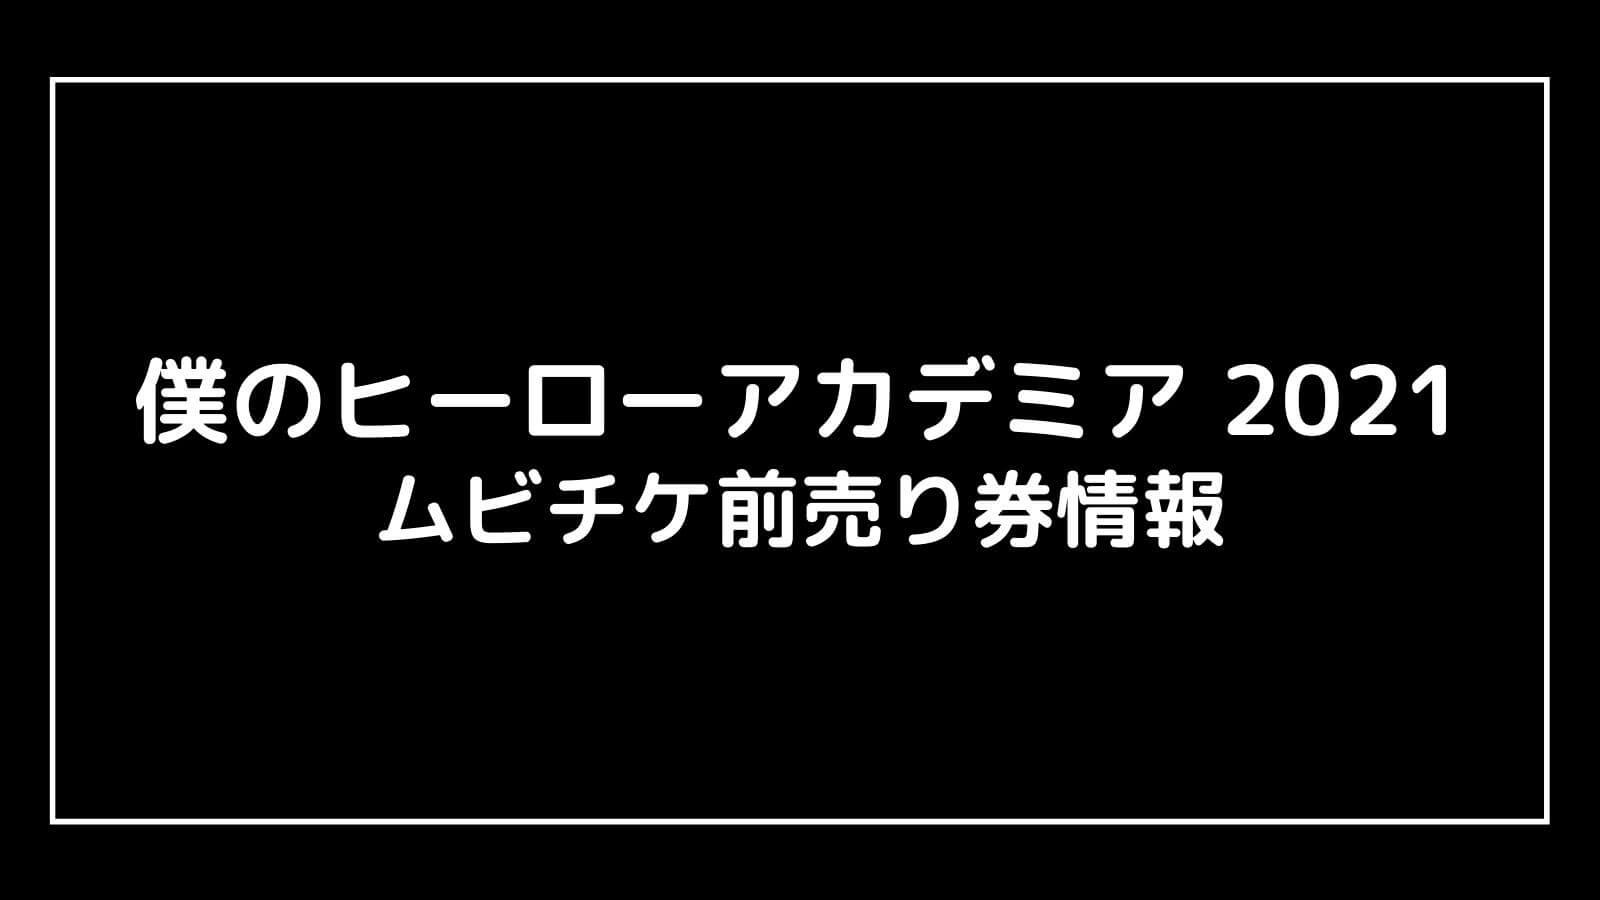 映画『僕のヒーローアカデミア3』特典付きムビチケ前売り券はいつ発売する?【ワールドヒーローズミッション】